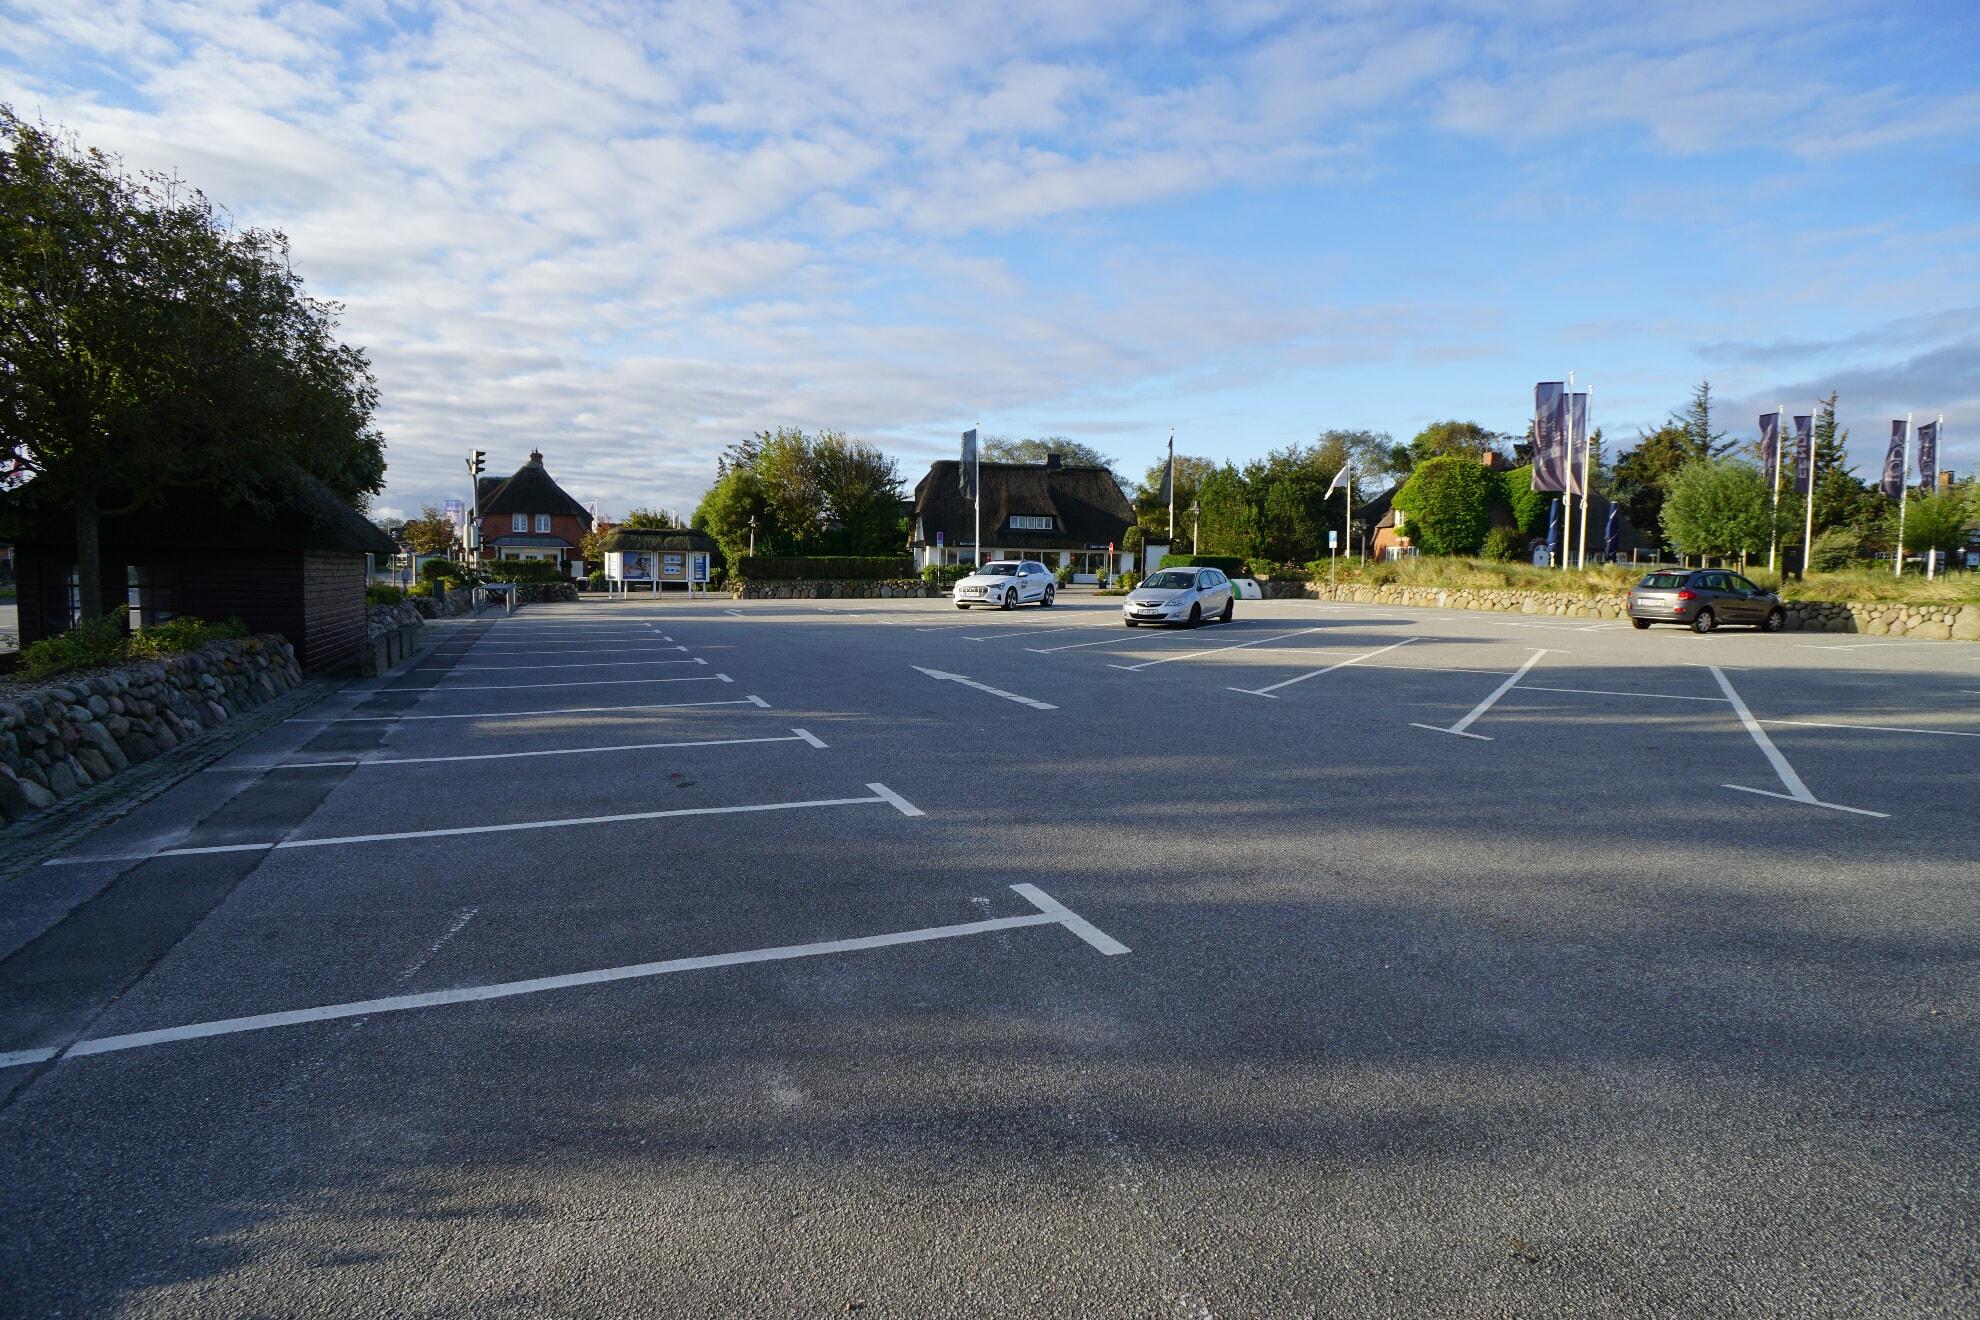 Parkplatz am Strönwai